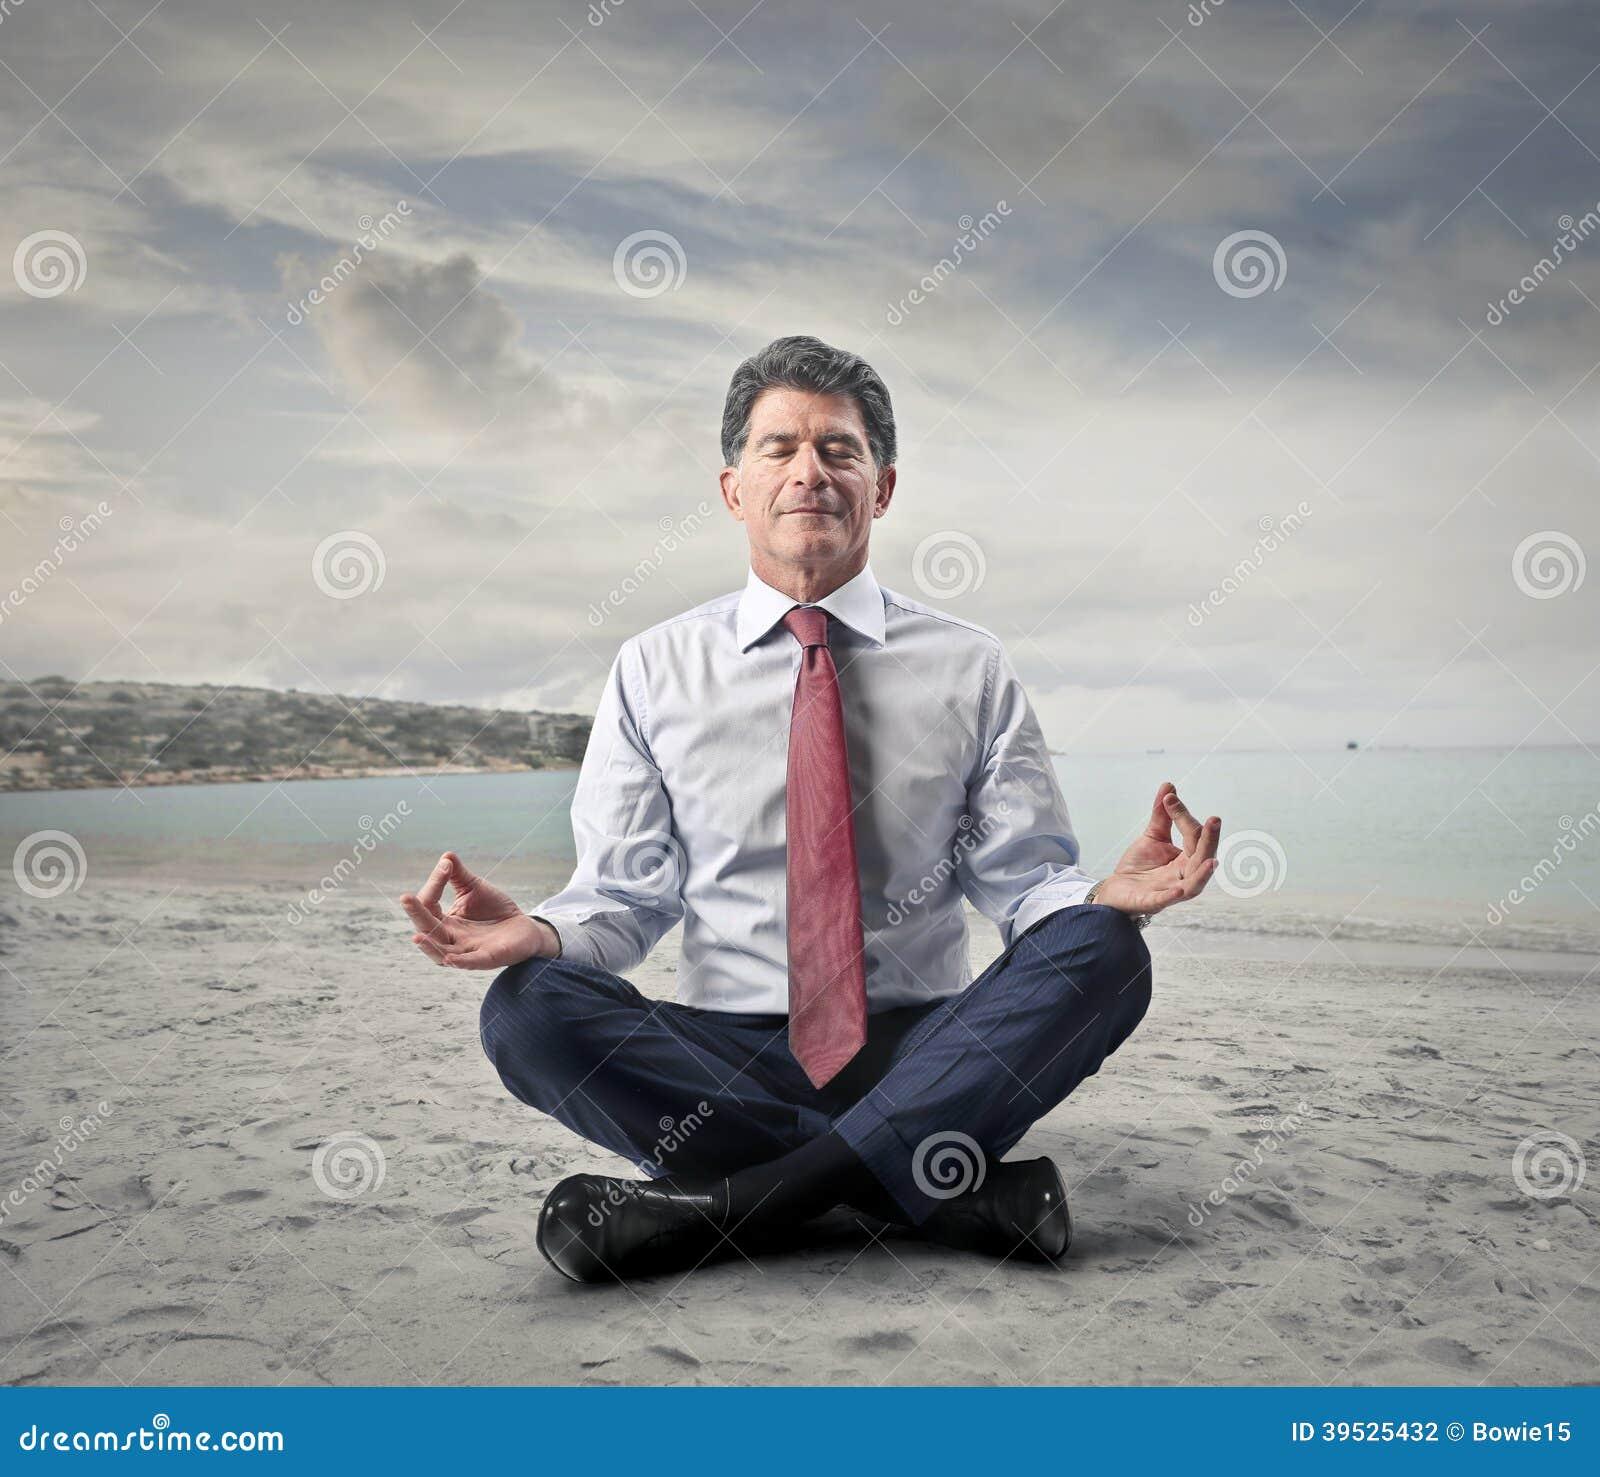 做瑜伽的商人在海边